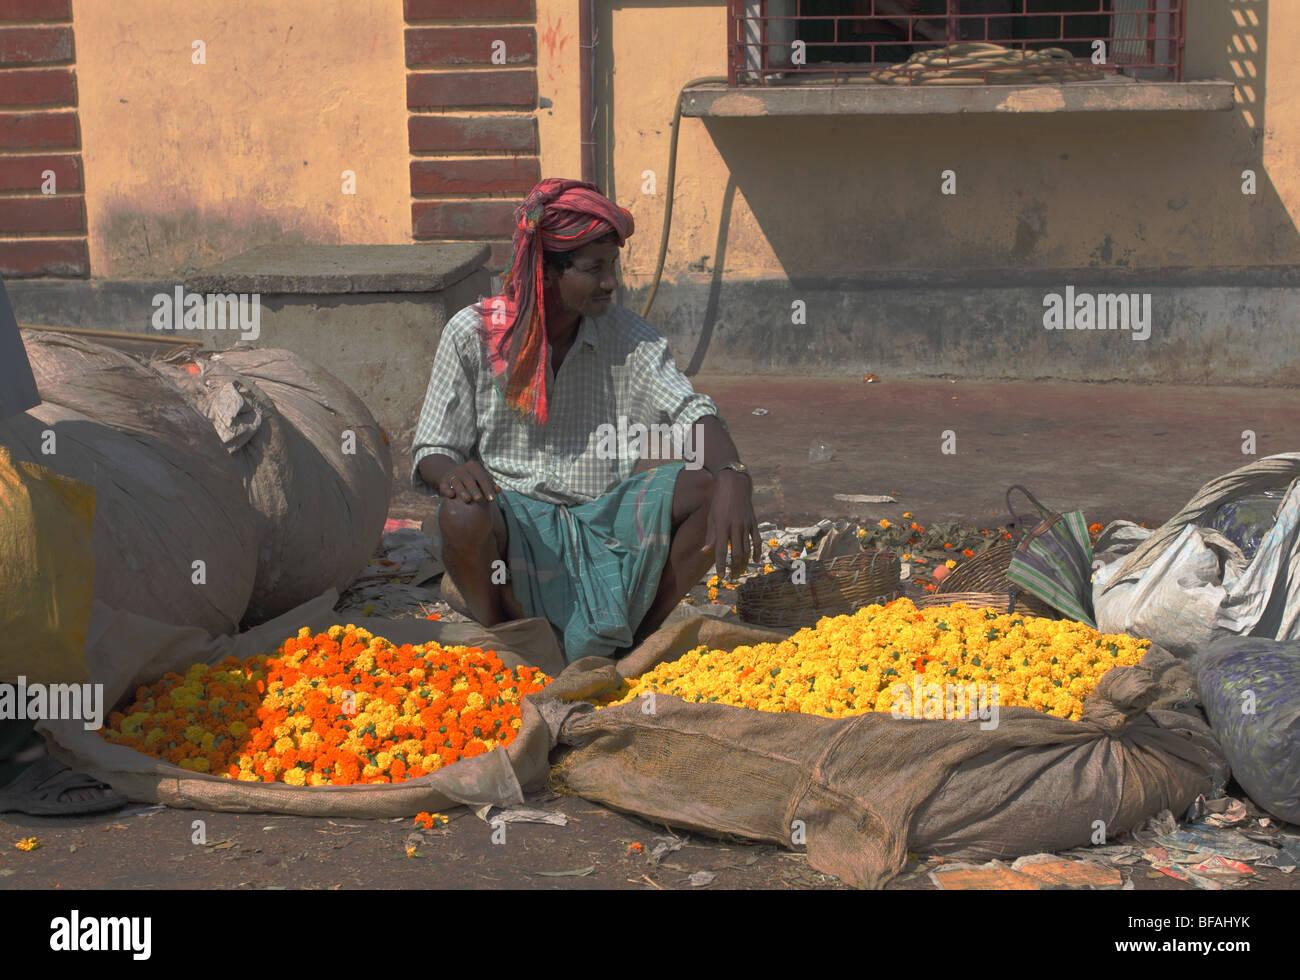 Flower seller at Malik Ghat flower market, Kolkata - Stock Image